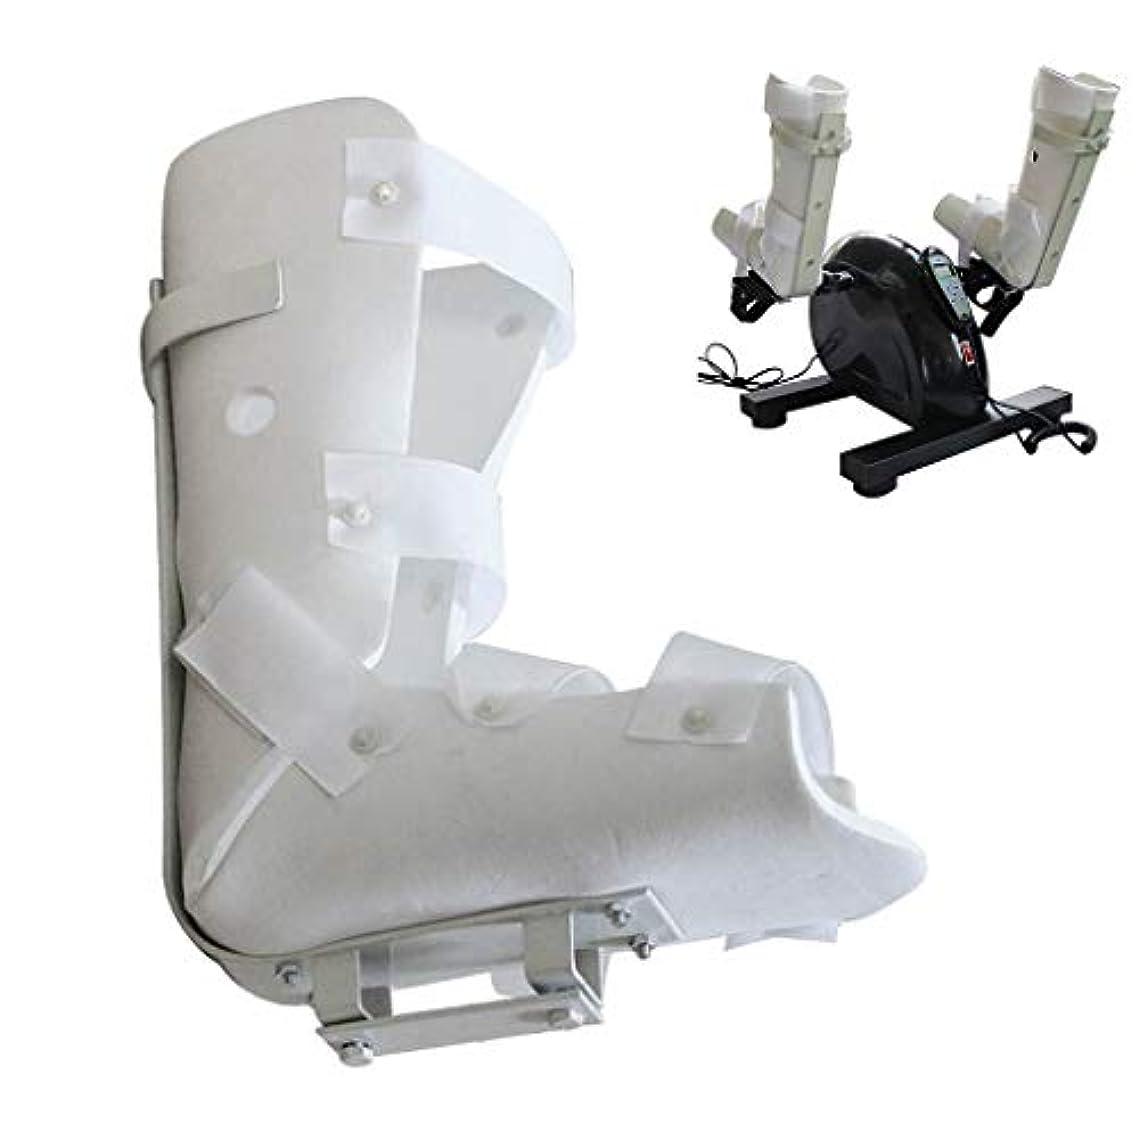 助手必要とする脚本家電子理学療法コンフォートソフトスプリント、ハンディキャップ障害者および脳卒中サバイバー、1ペア用のリハビリバイクペダル電動トレーナーの脚サポート